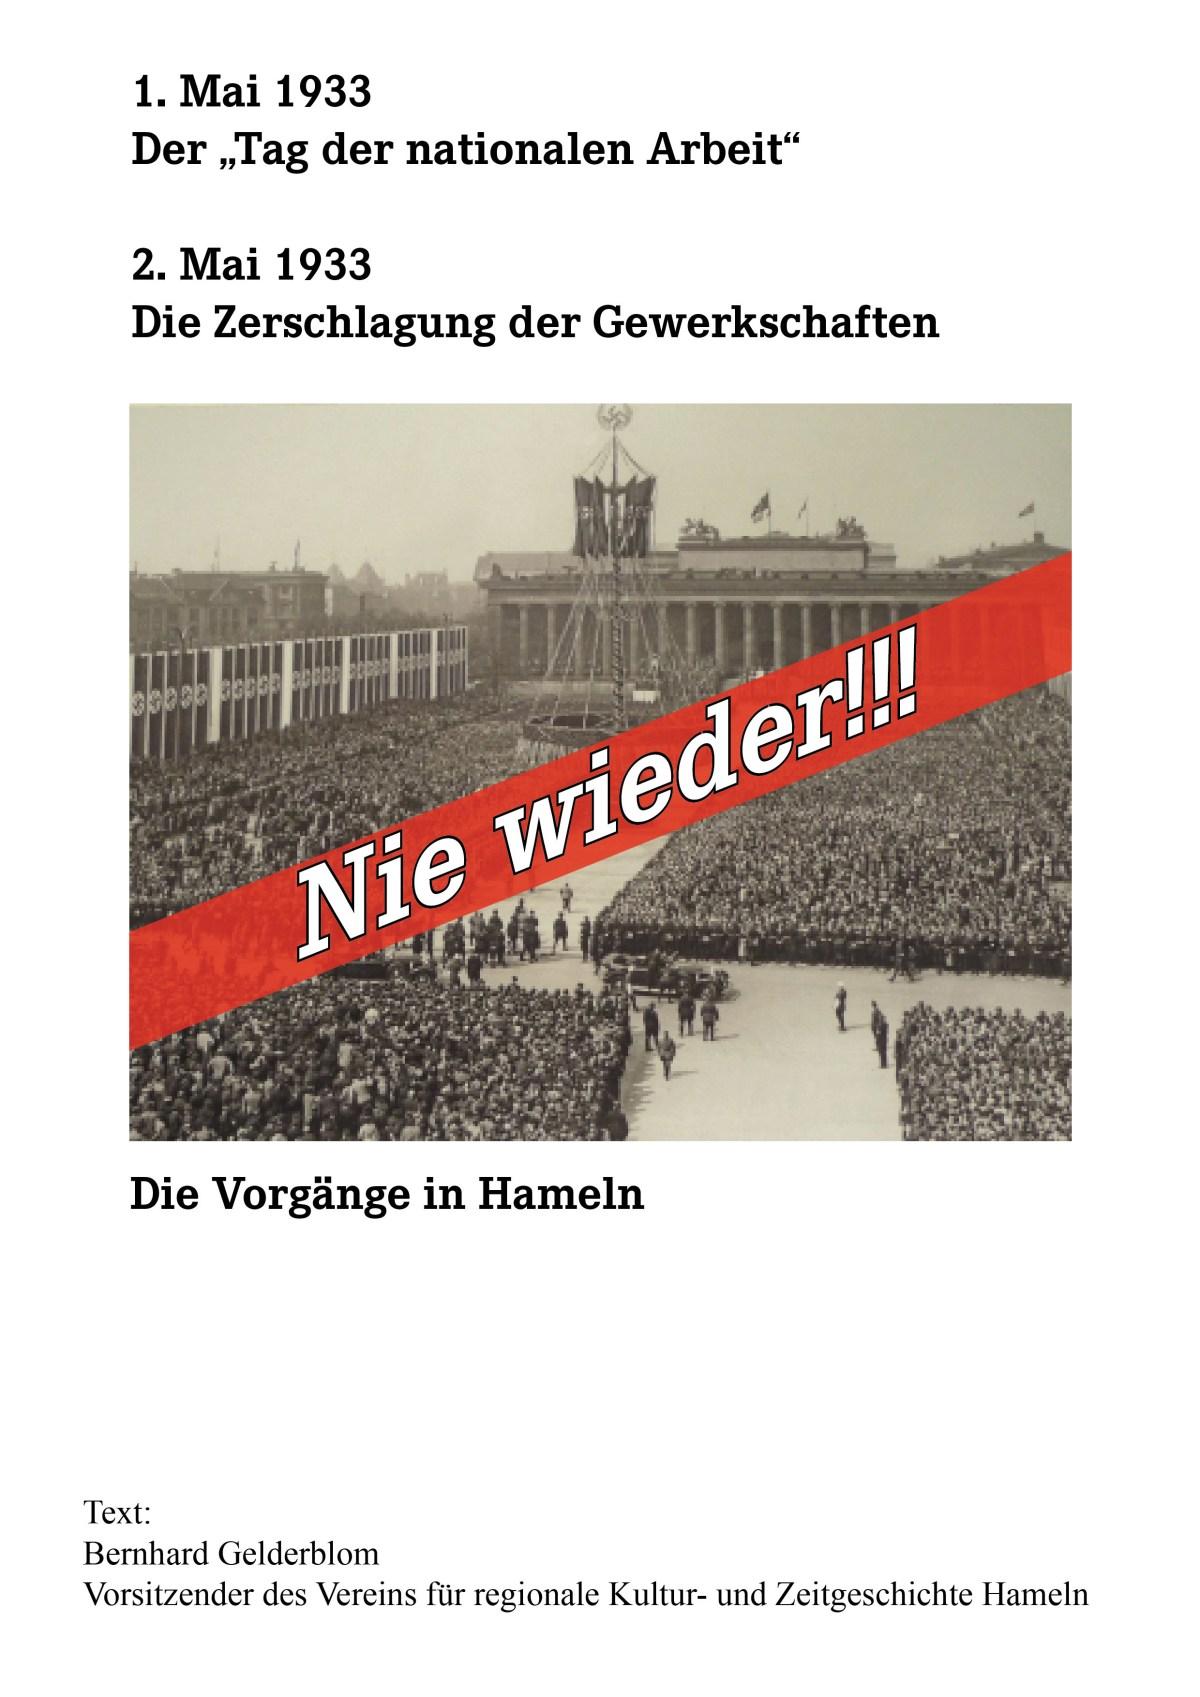 Nie wieder! Heute vor 85 Jahren wurde die Gewerkschaftsbewegung in Deutschland zerschlagen